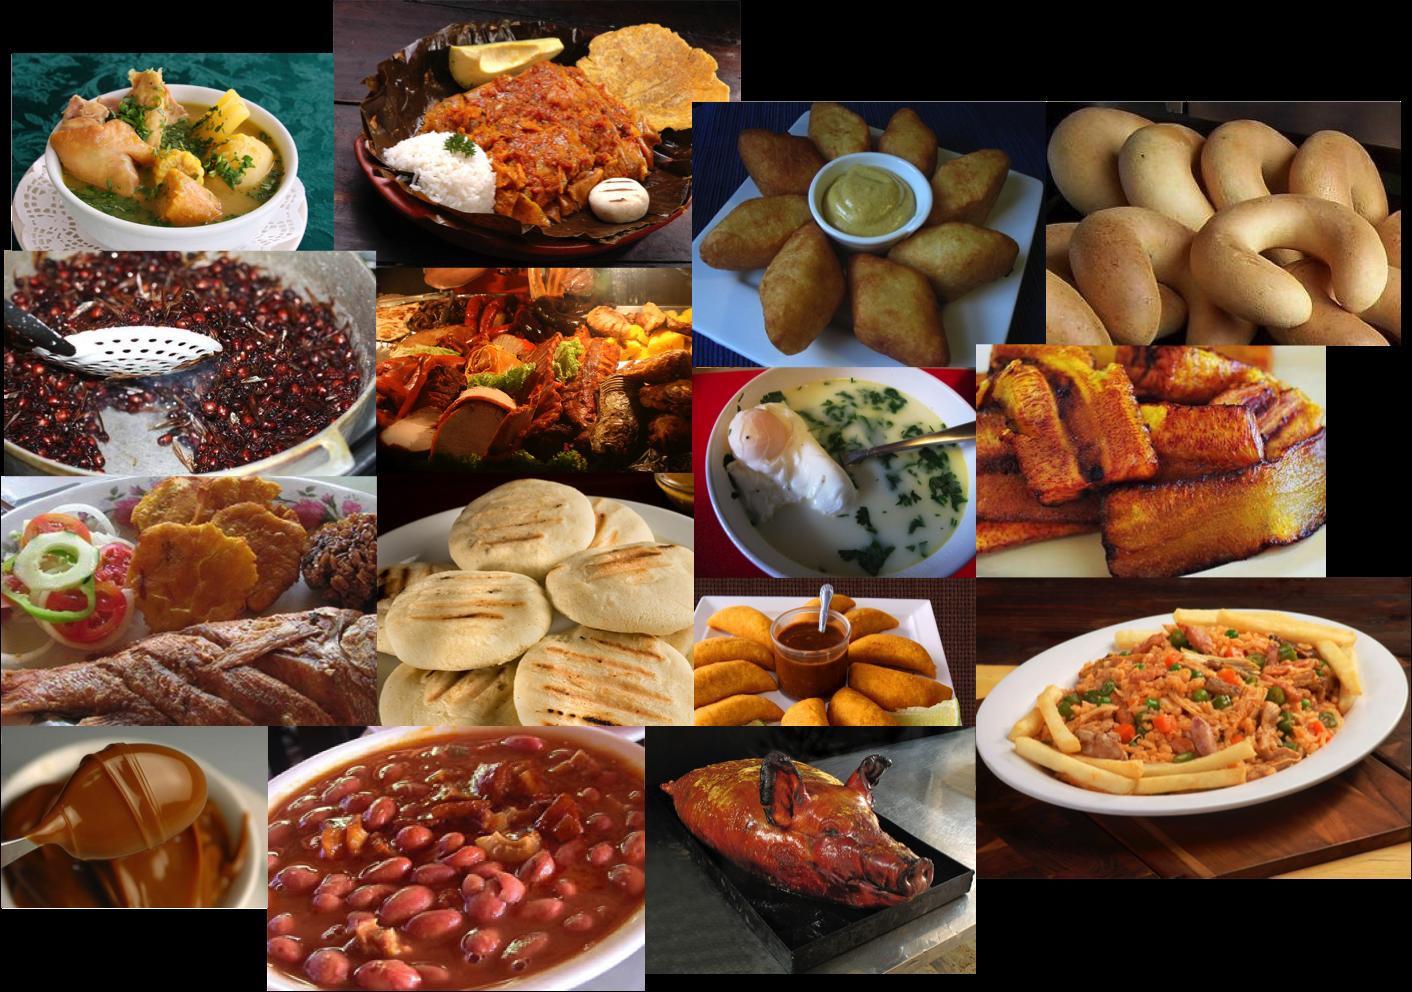 Gastronom a colombiana innovaci n o sacrilegio parte i for Que es la comida molecular